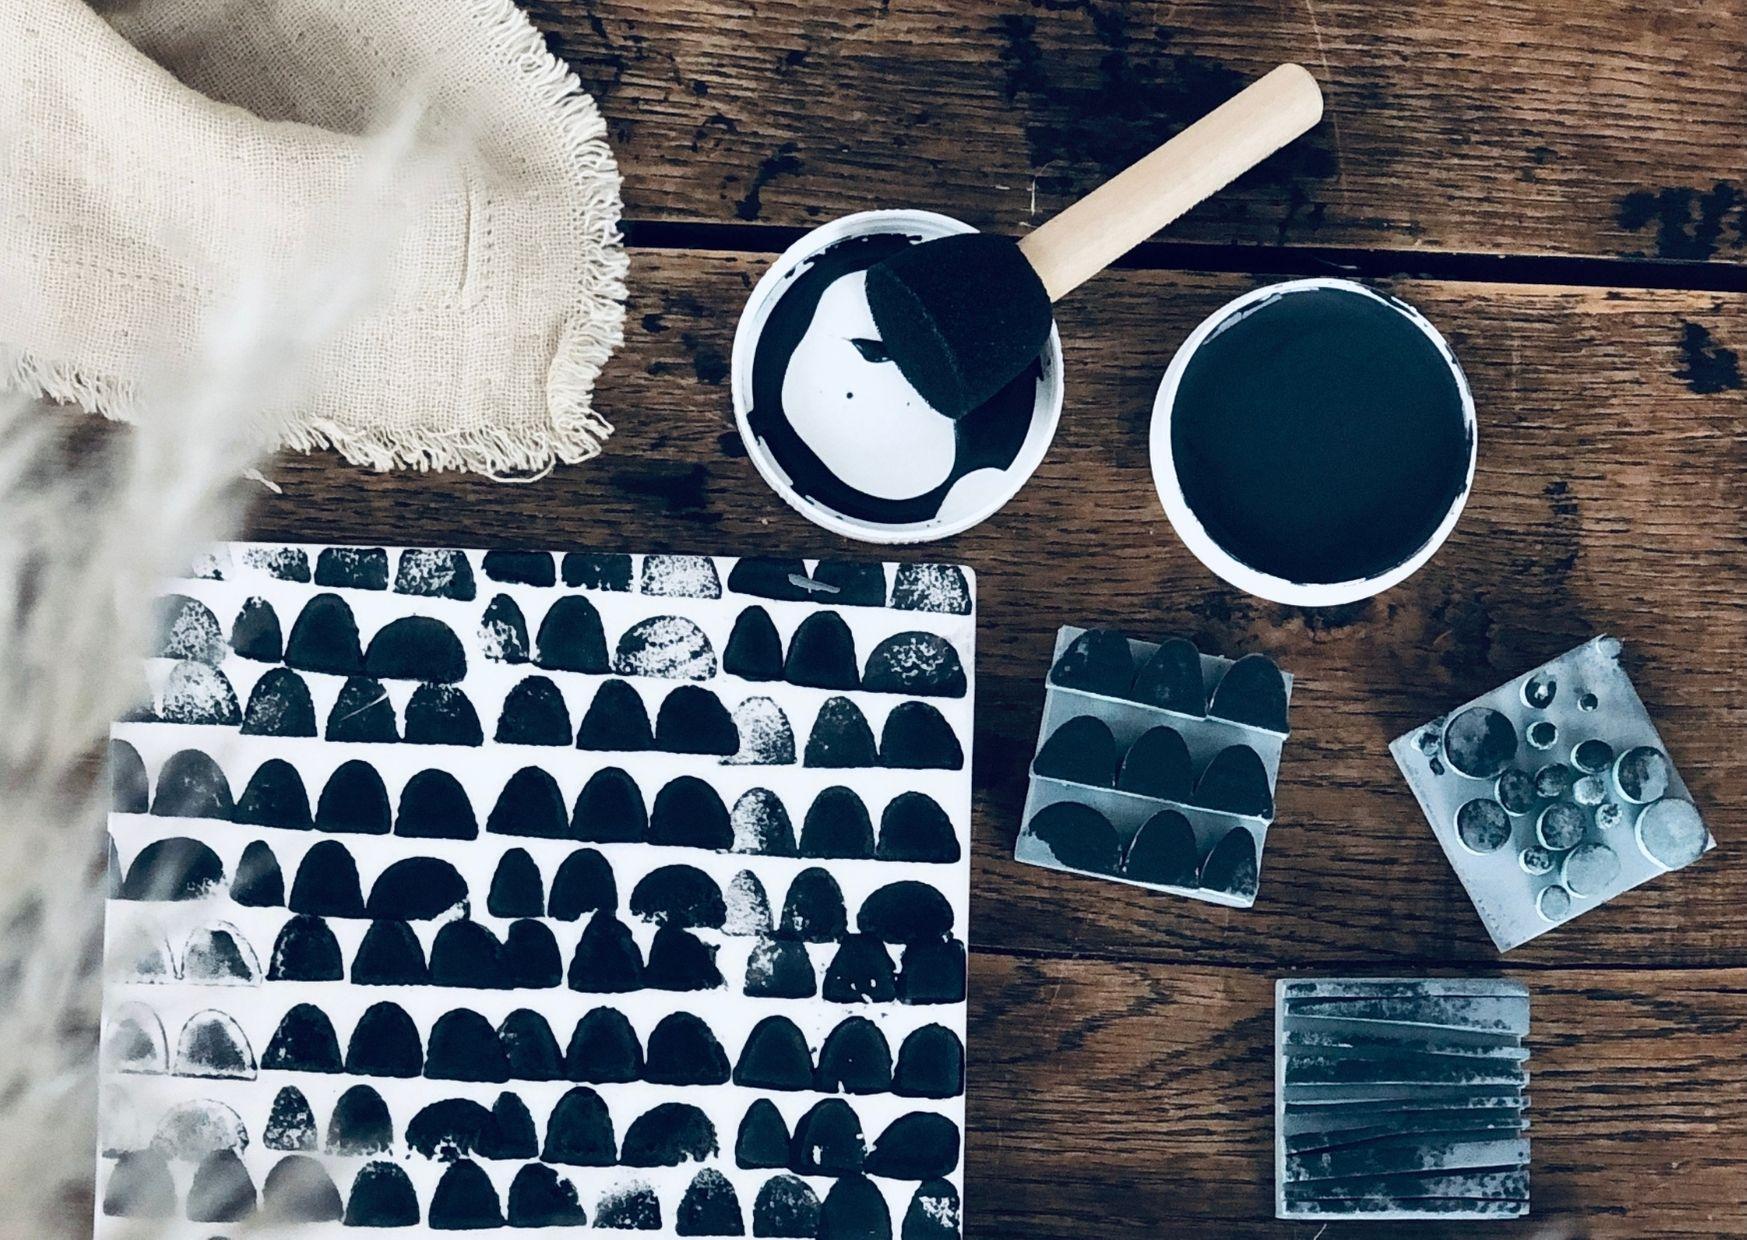 Bestempelte Keramik mit Strukturstempeln in schwarz weiß